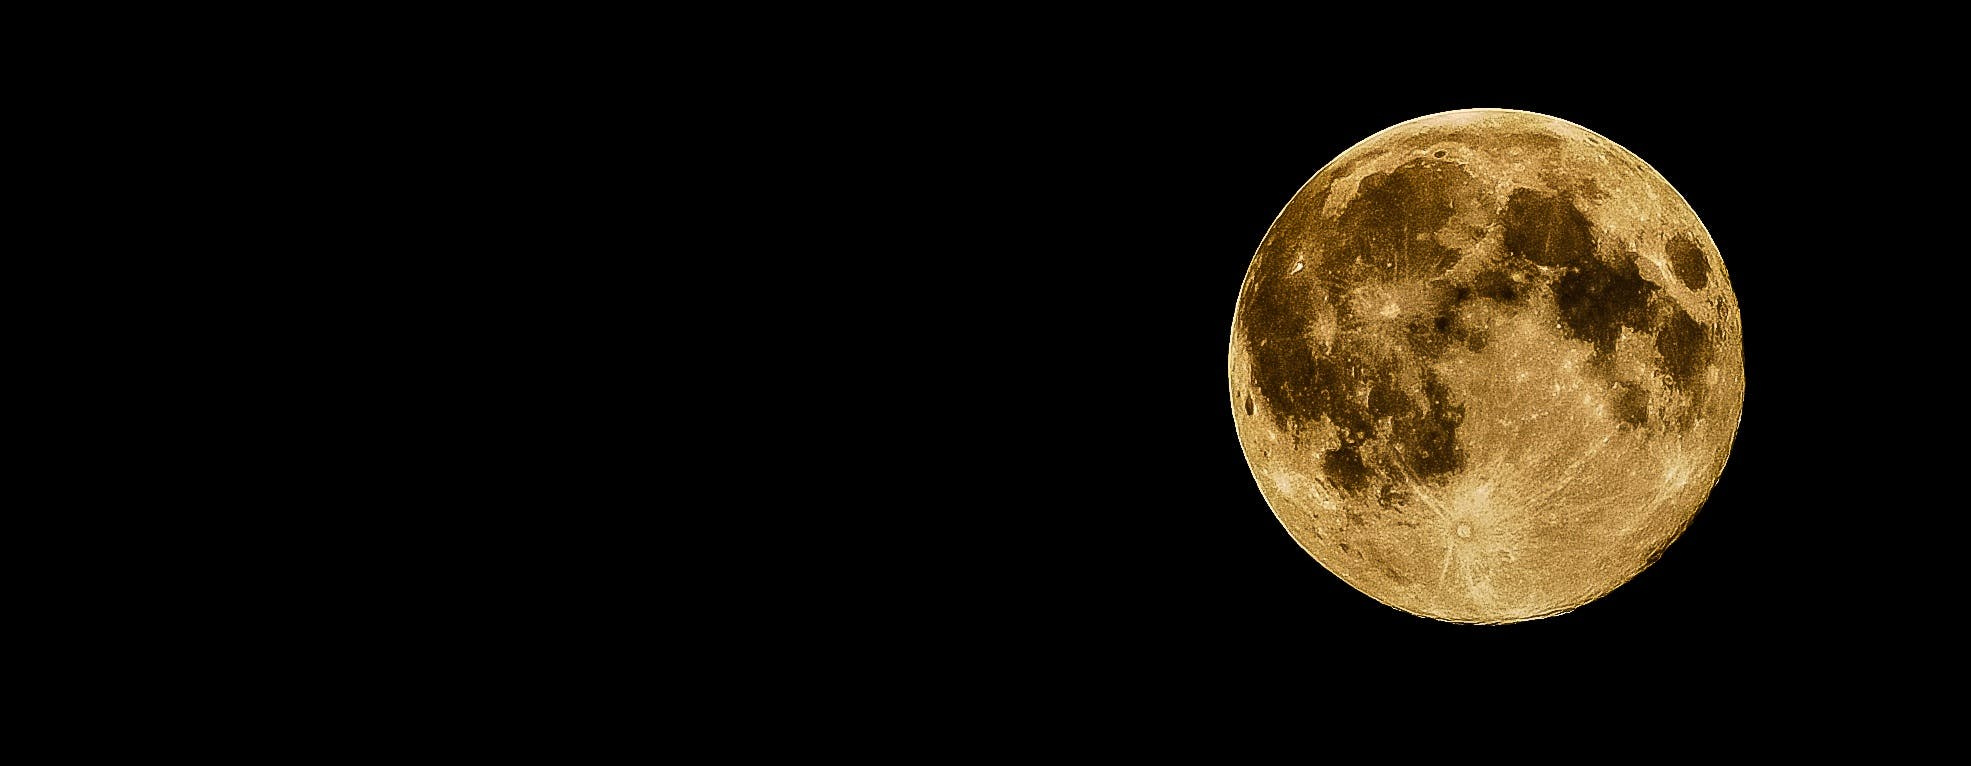 Gratis arkivbilde med fullmåne, himmel, lunar, måne